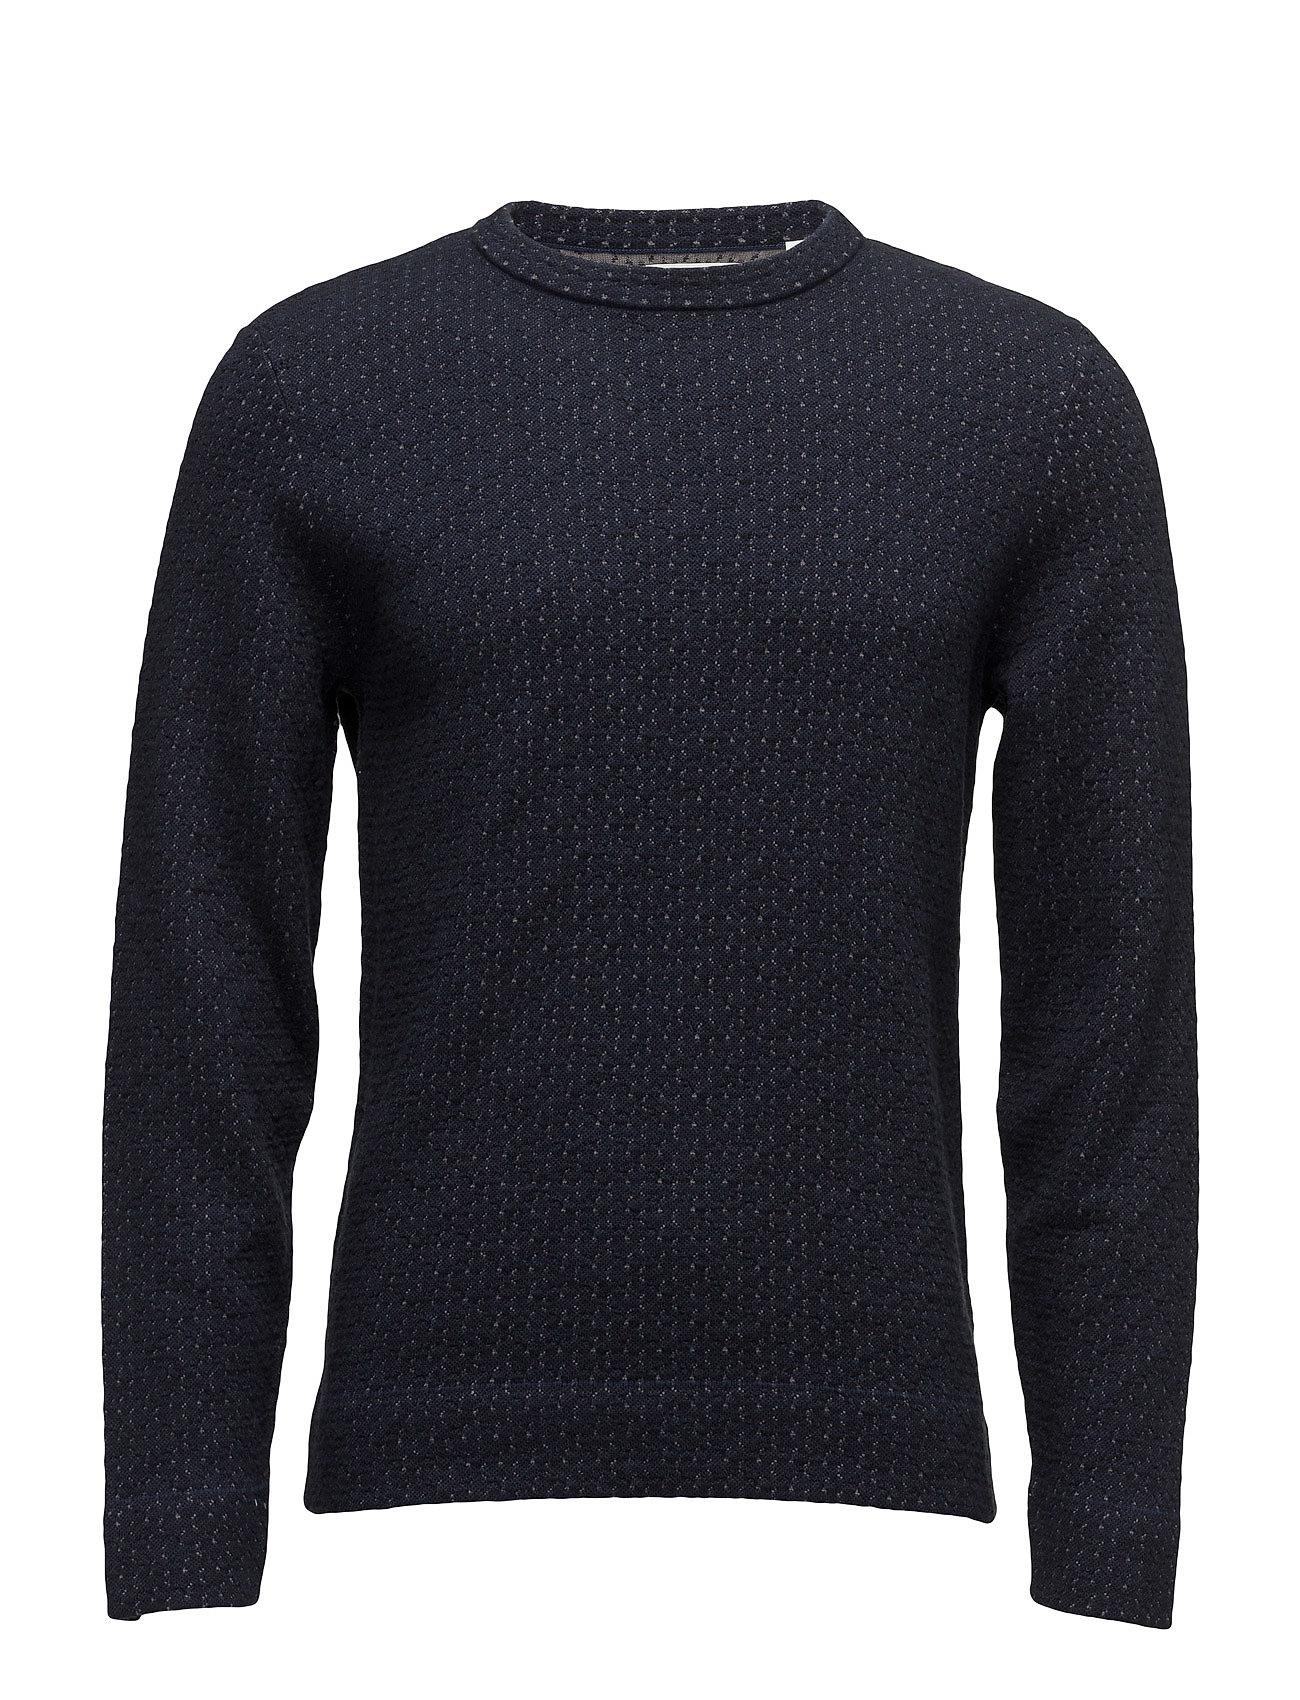 G1. Jacquared Knitted Crew Neck GANT Sweat pants til Herrer i Marine blå